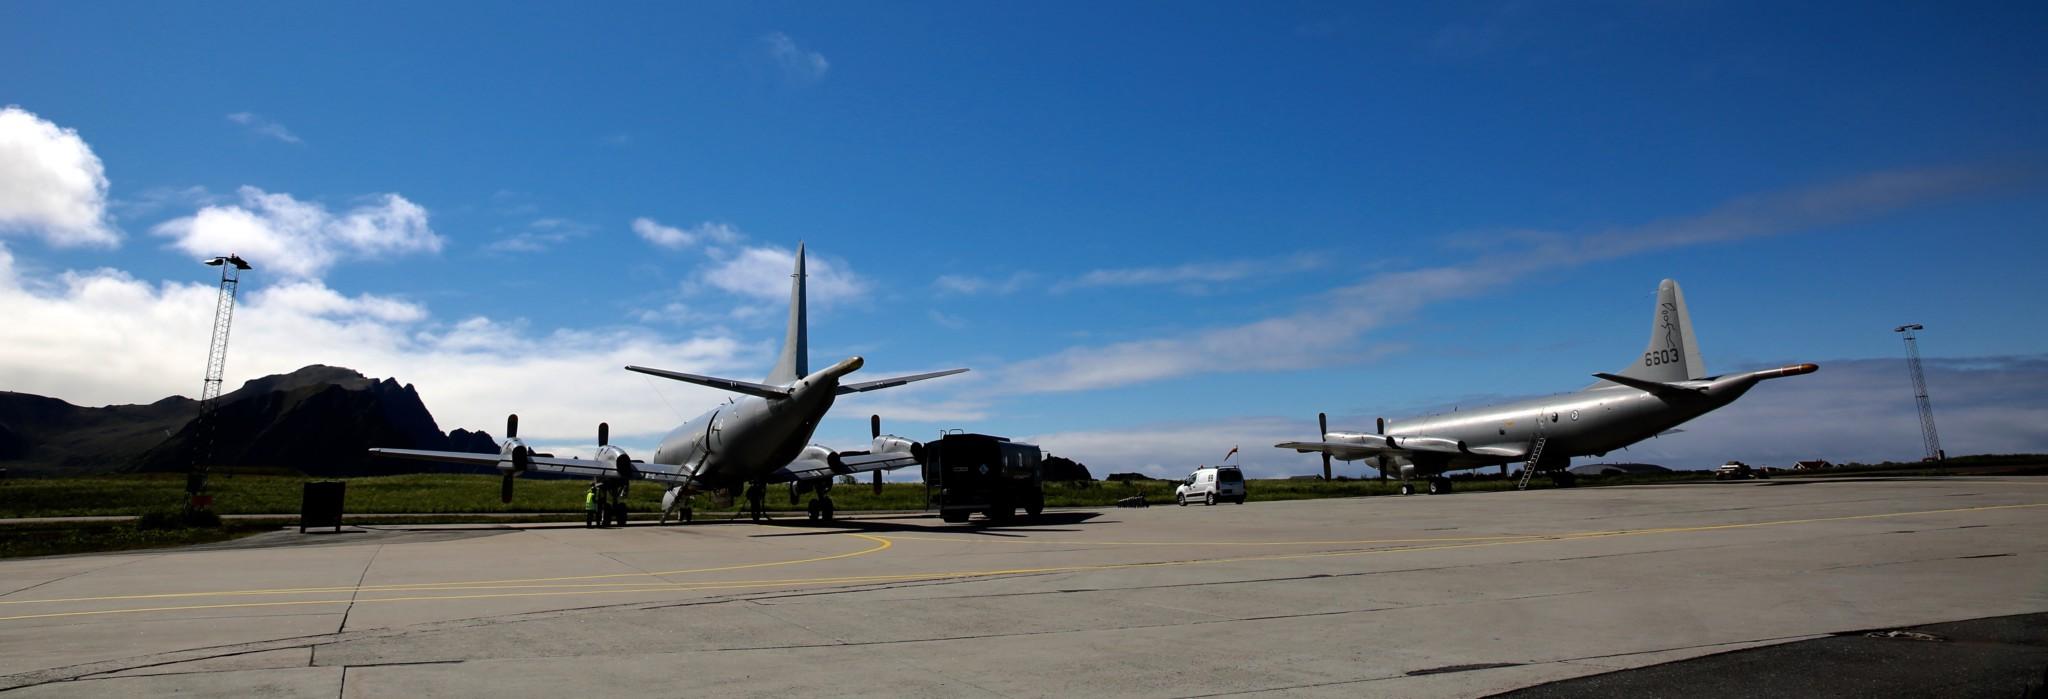 Forsvaret: – Vi trenger Andøya flystasjon